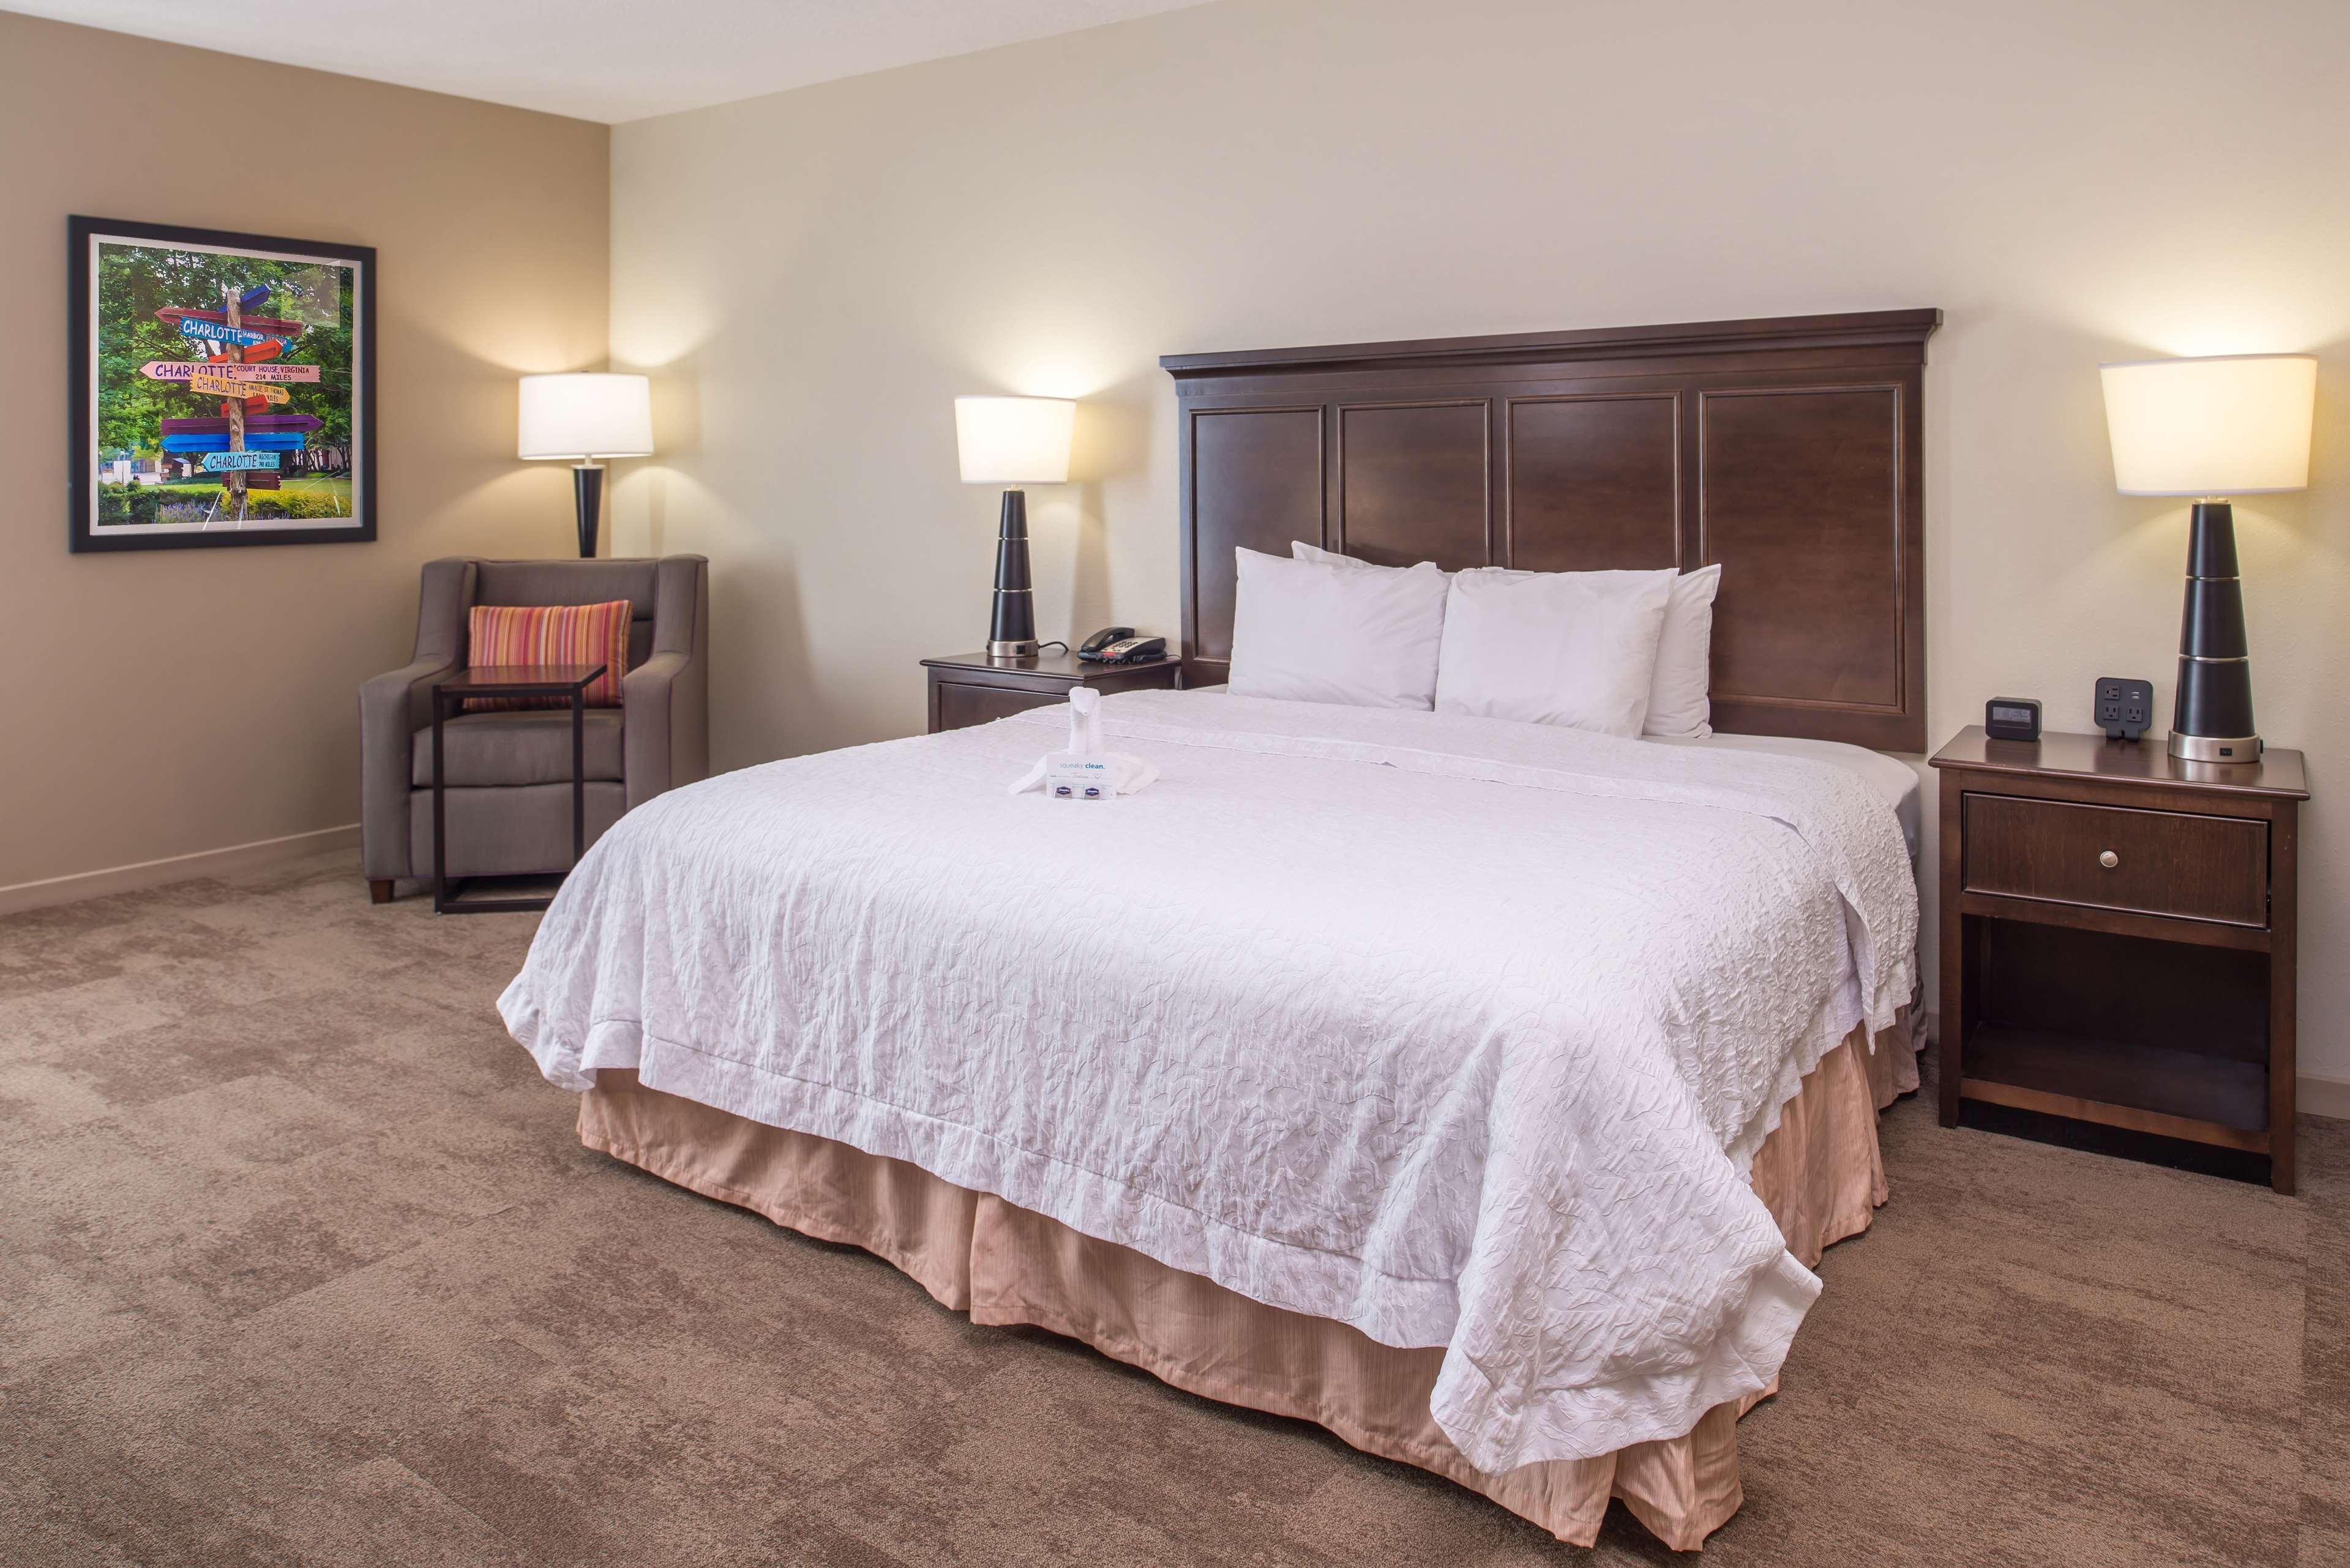 Hampton Inn & Suites Charlotte-Arrowood Rd. image 15